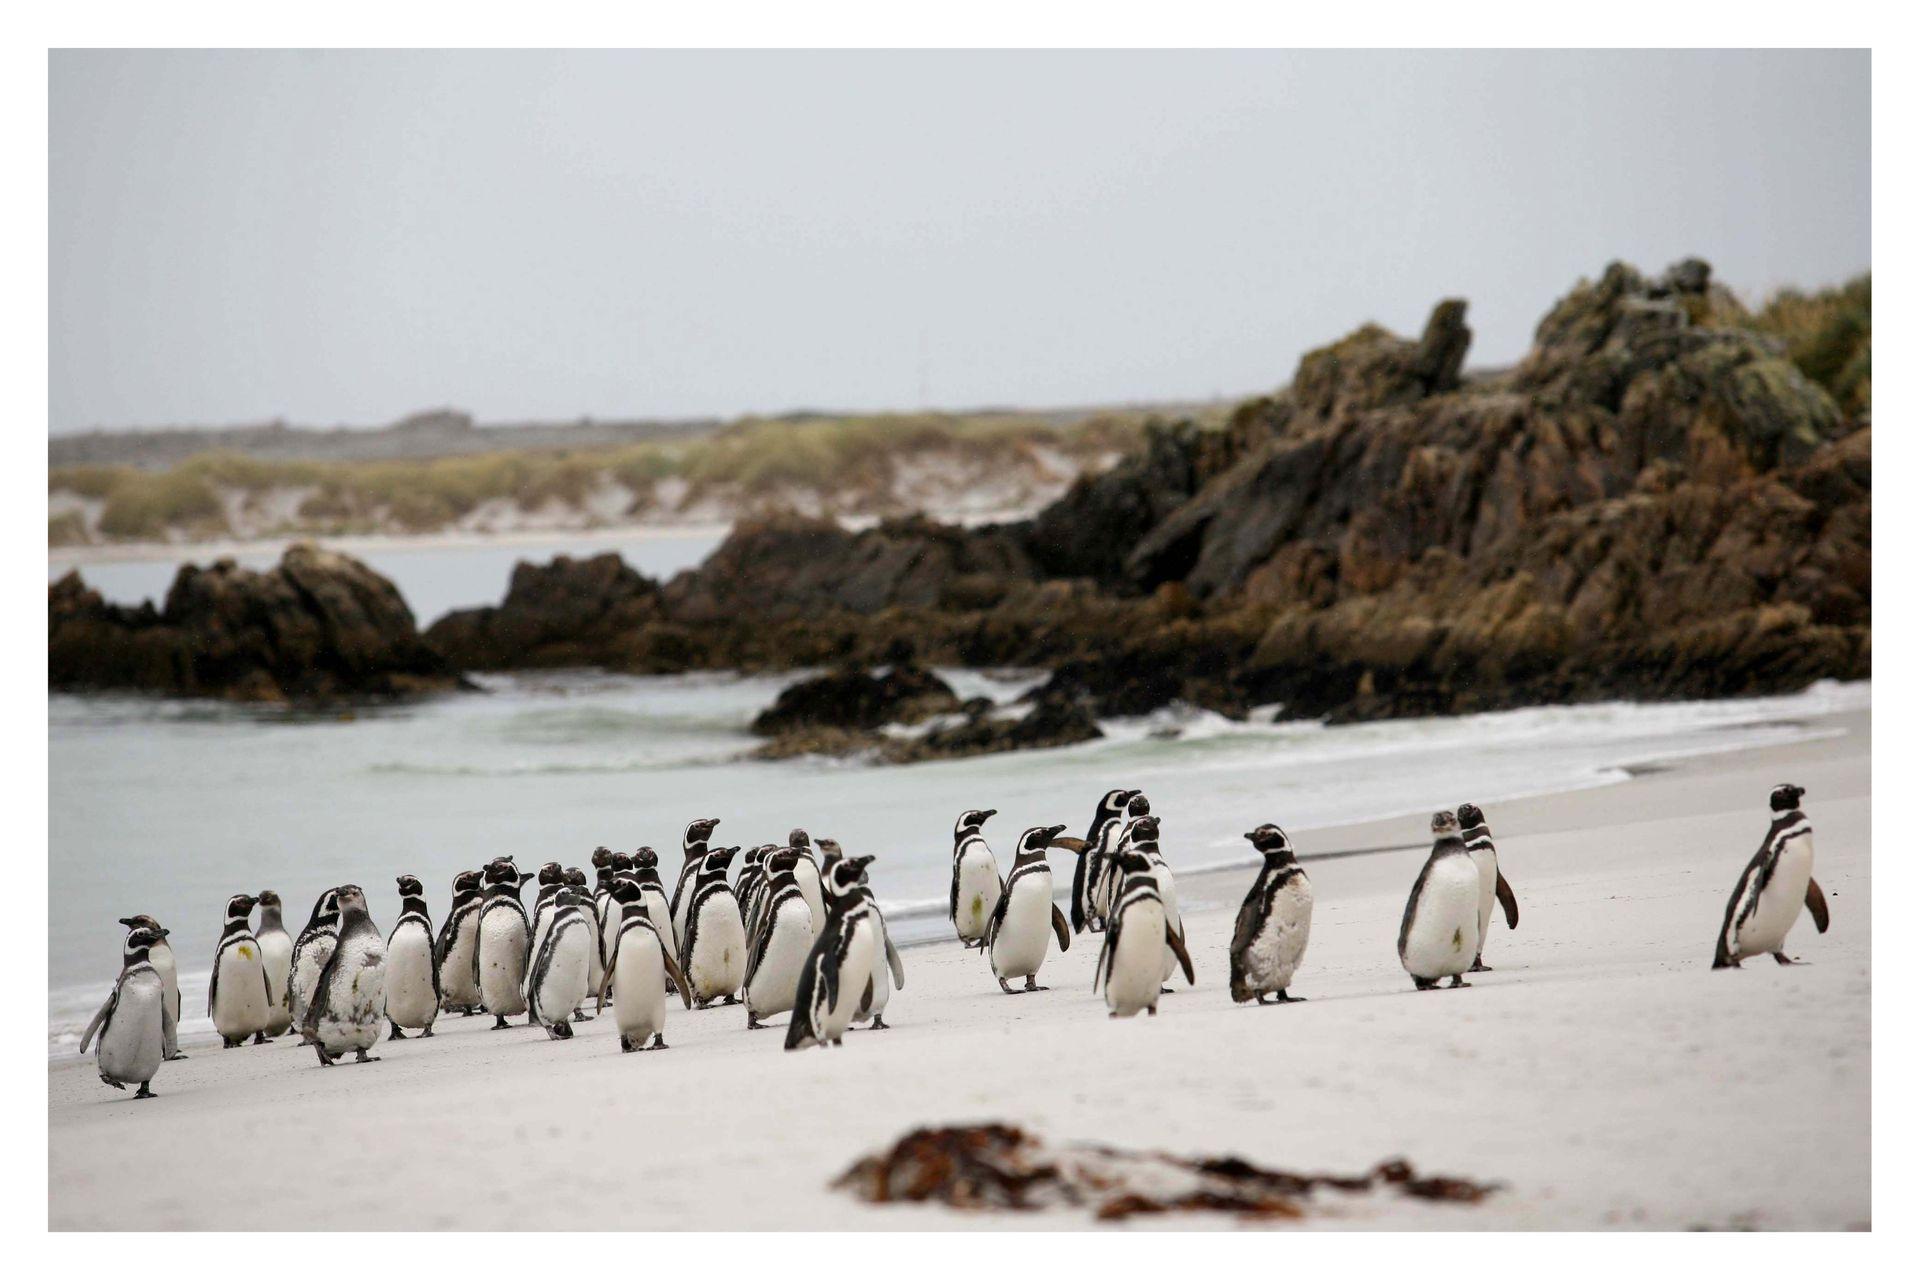 Pingüinos en la playa de Pto. Stanley en las Islas Malvinas